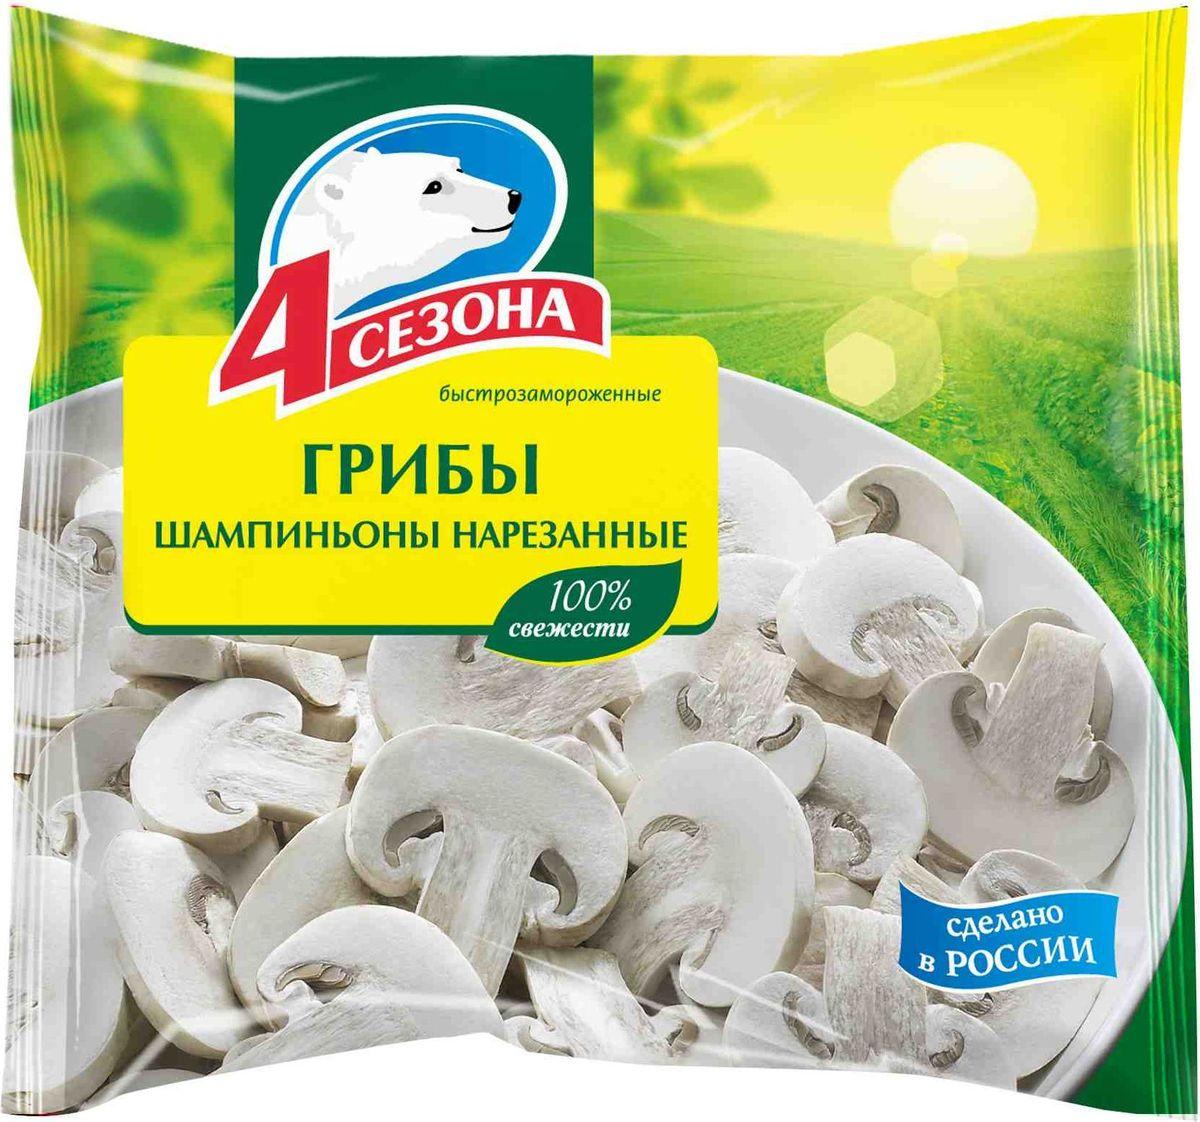 4 Сезона Шампиньоны нарезанные, 400 г3601062Не размораживать перед приготовлением. Желаемое количество продукта готовить по выбранной рецептуре так же, как и свежие грибы. Размораживание продукта и повторное замораживание не допускается.Игольчатая перфорация на пакетах – это технологическая процедура, которая обеспечивает удаление избыточного воздуха, находившегося в пакете с упакованным продуктом.Перфорация не влияет на качество продукта и его срок годности.